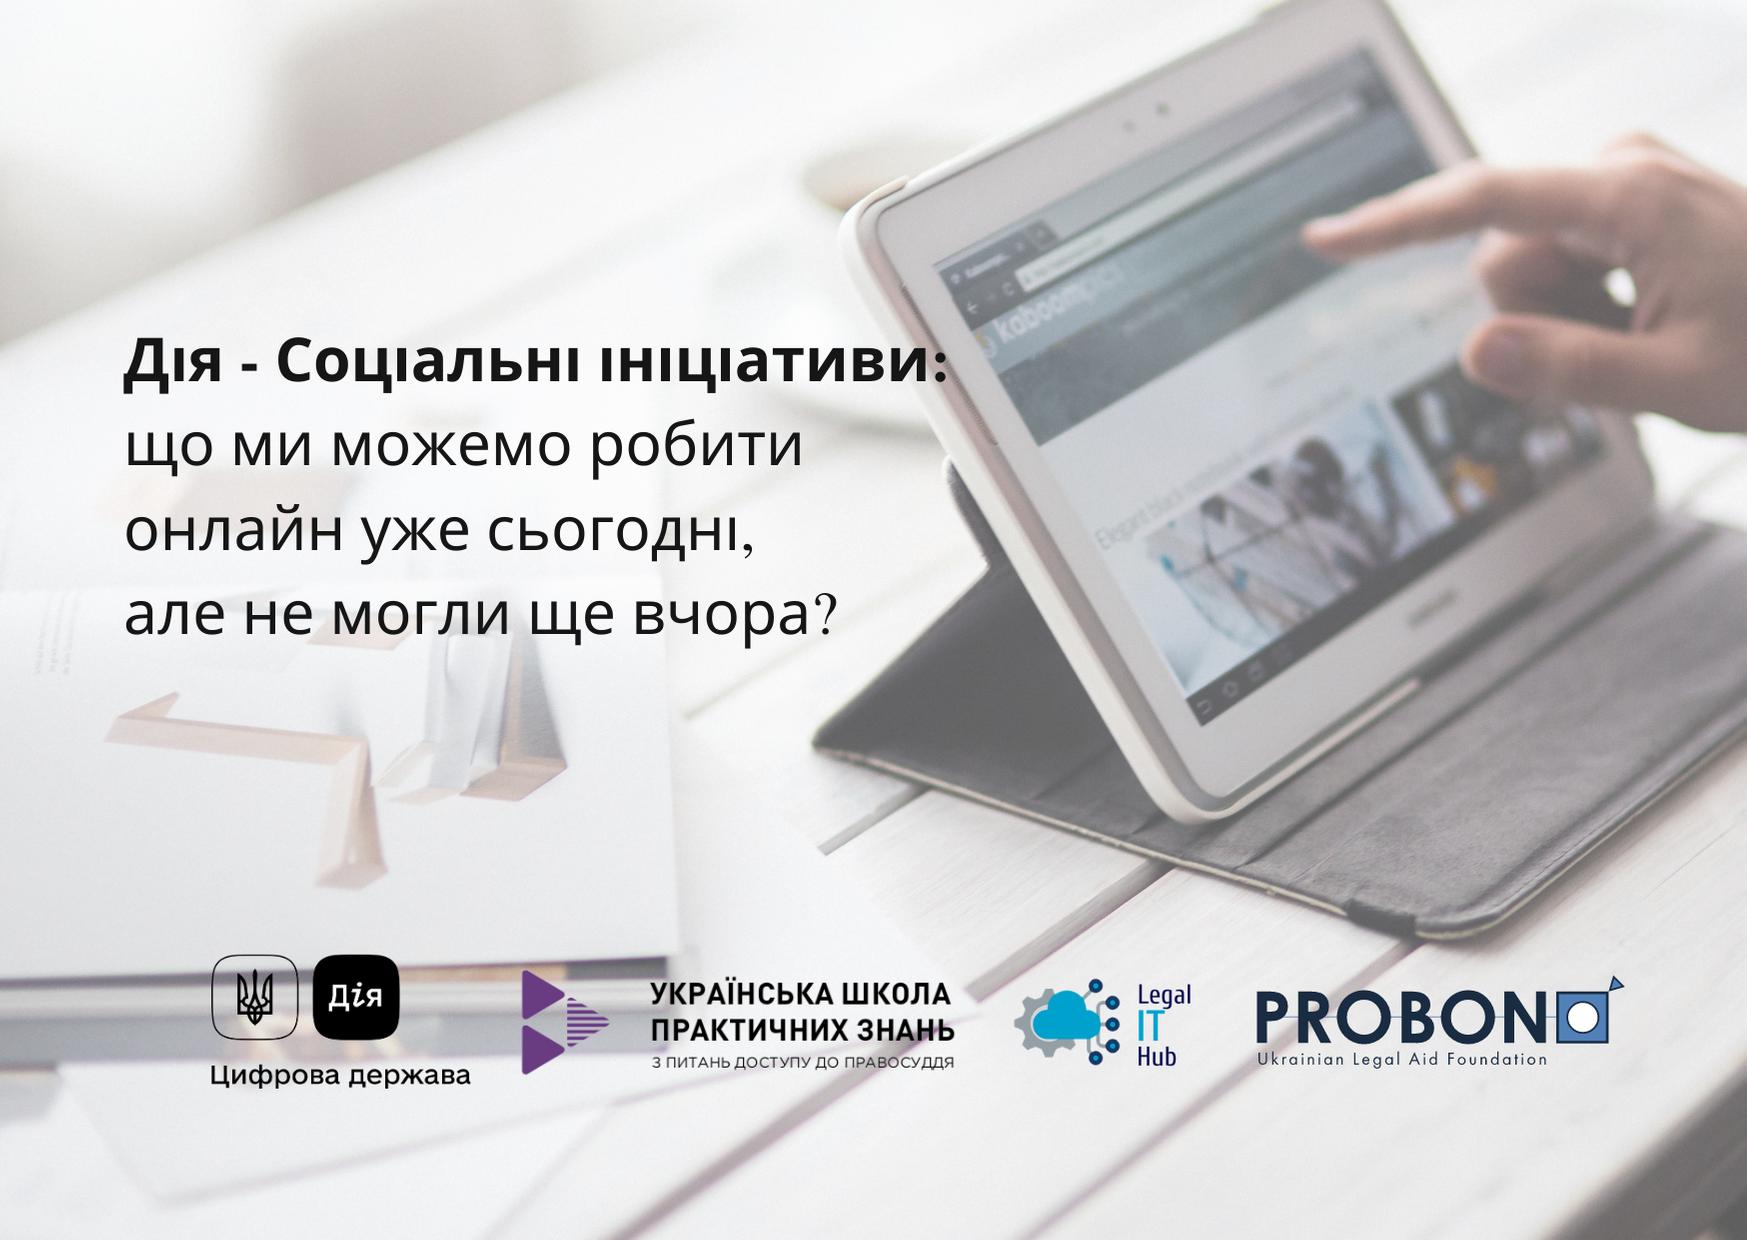 Соціальна допомога, ліцензування, документообіг: які державні послуги можна отримати через Інтернет